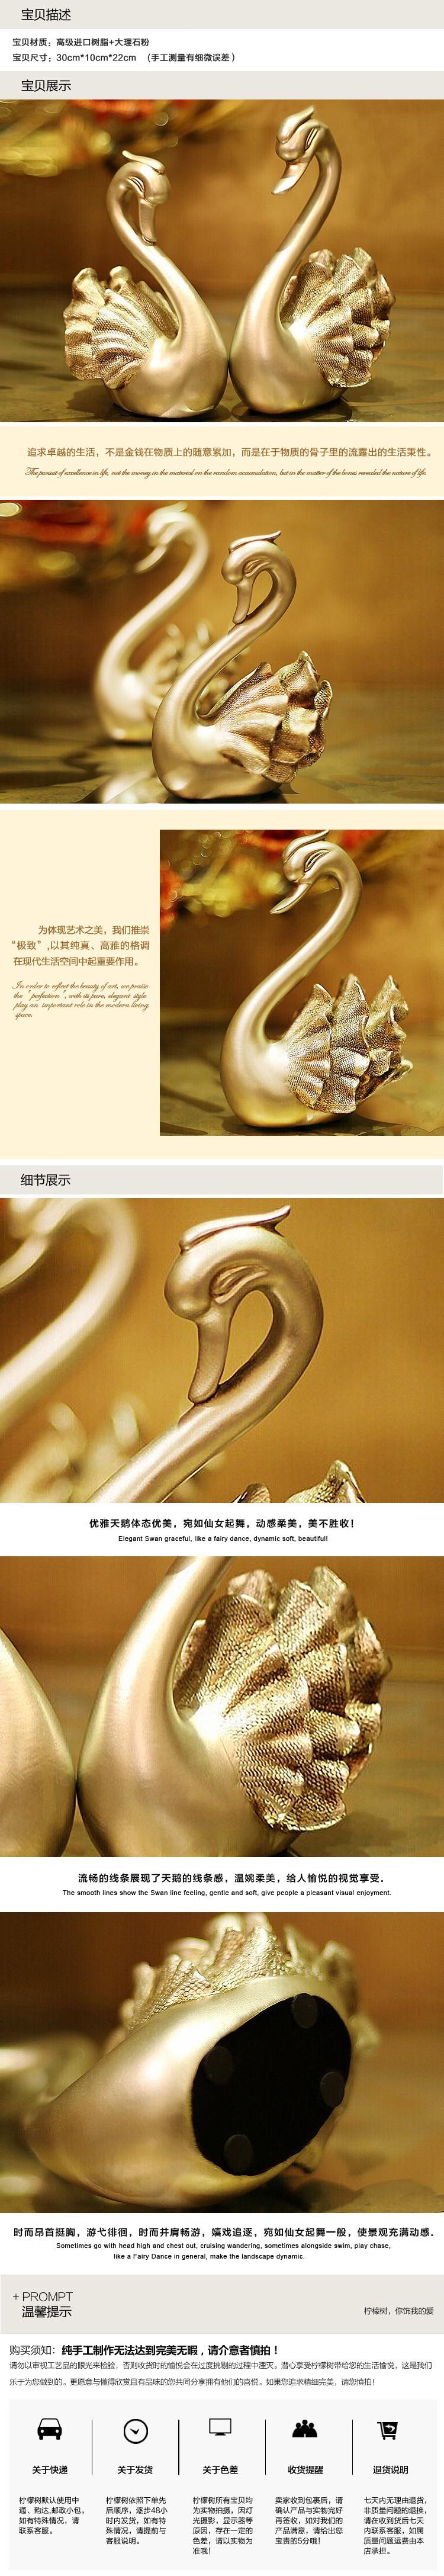 柠檬树家居装饰专场天鹅爱侣金色欧式创意摆件两件套